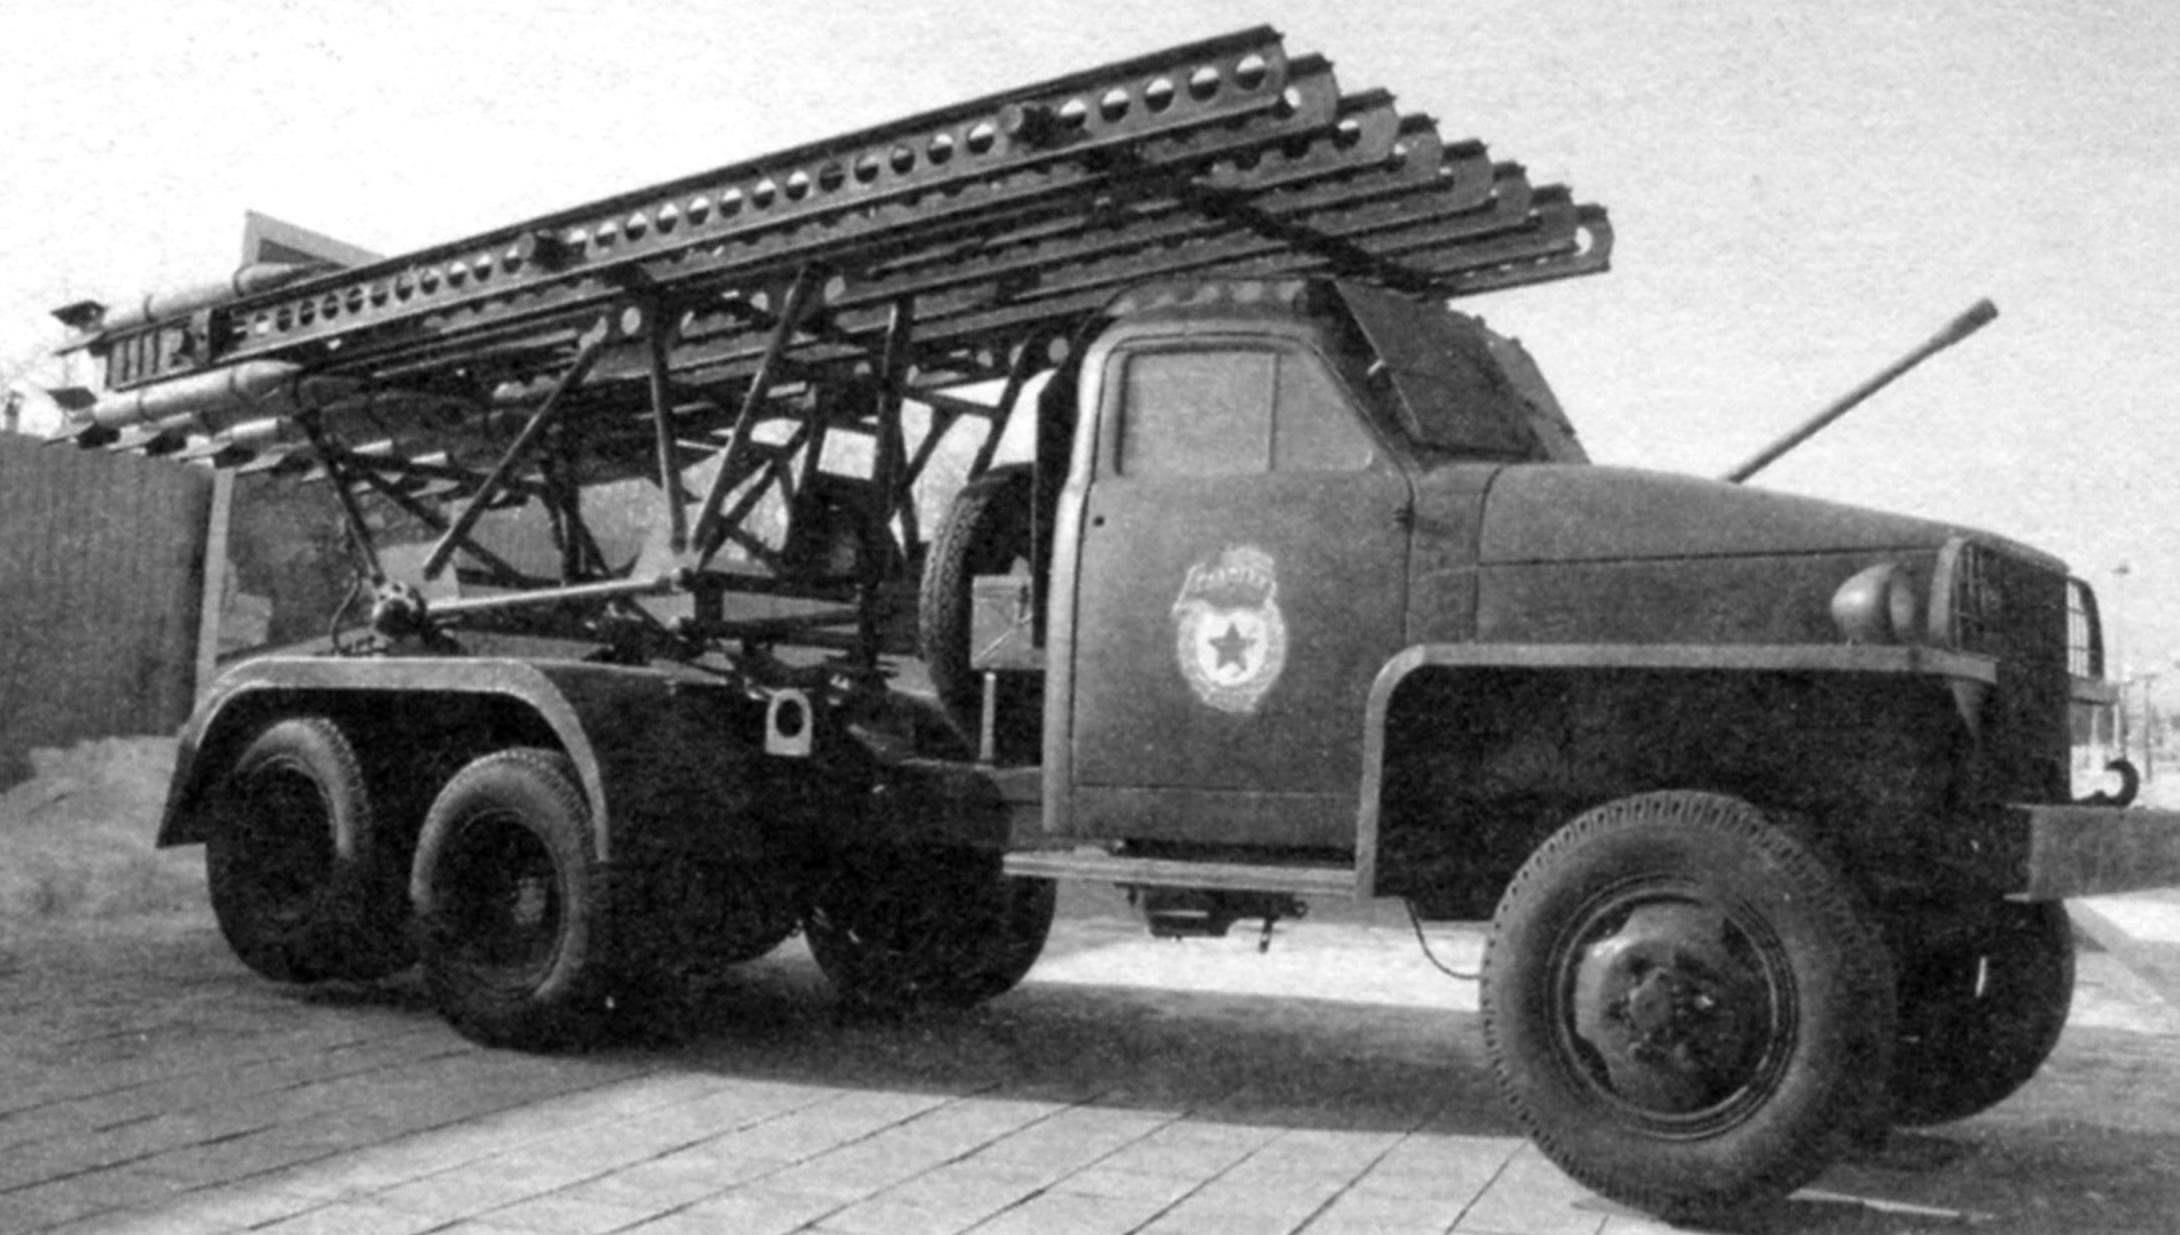 Установка БМ-13Н на шасси «Студебекер» US6 в экспозиции Музея военной техники в Верхней Пышме (Свердловская область)